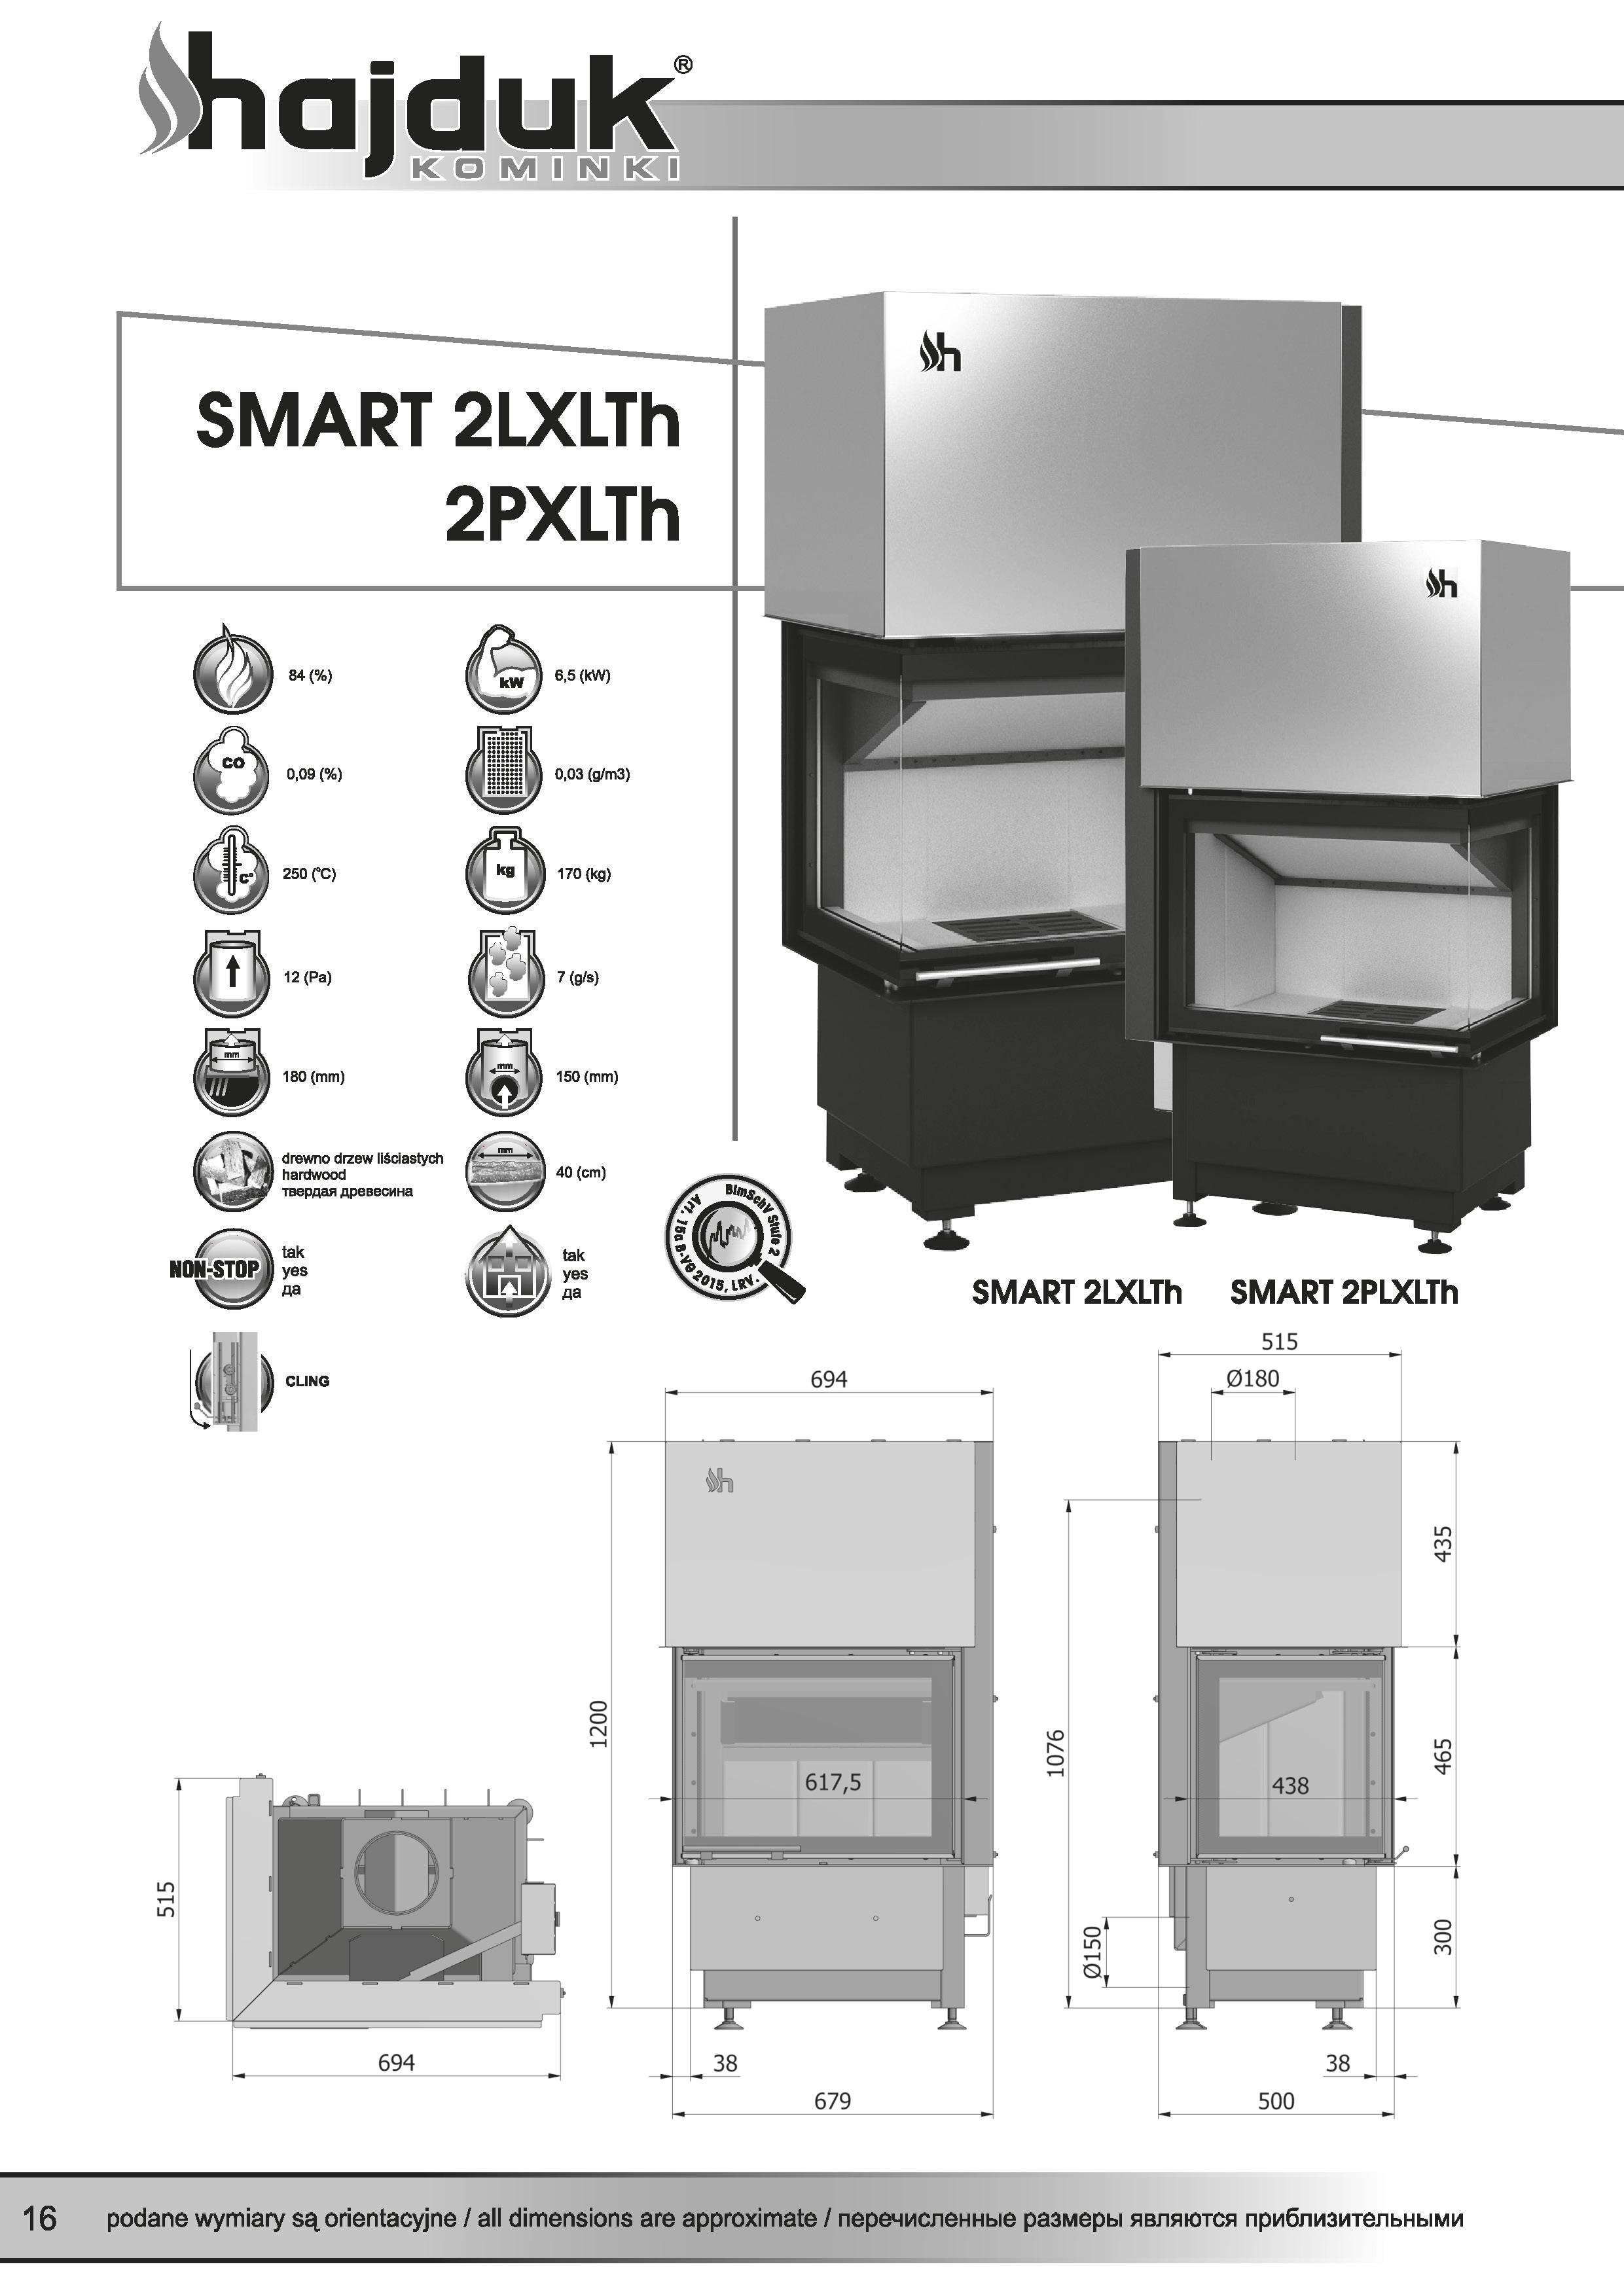 Smart%202LXLTH%202PXLTh%20 %20karta%20techniczna - Wkład kominkowy Hajduk Smart 2PXLTh - drzwiczki bezramowe